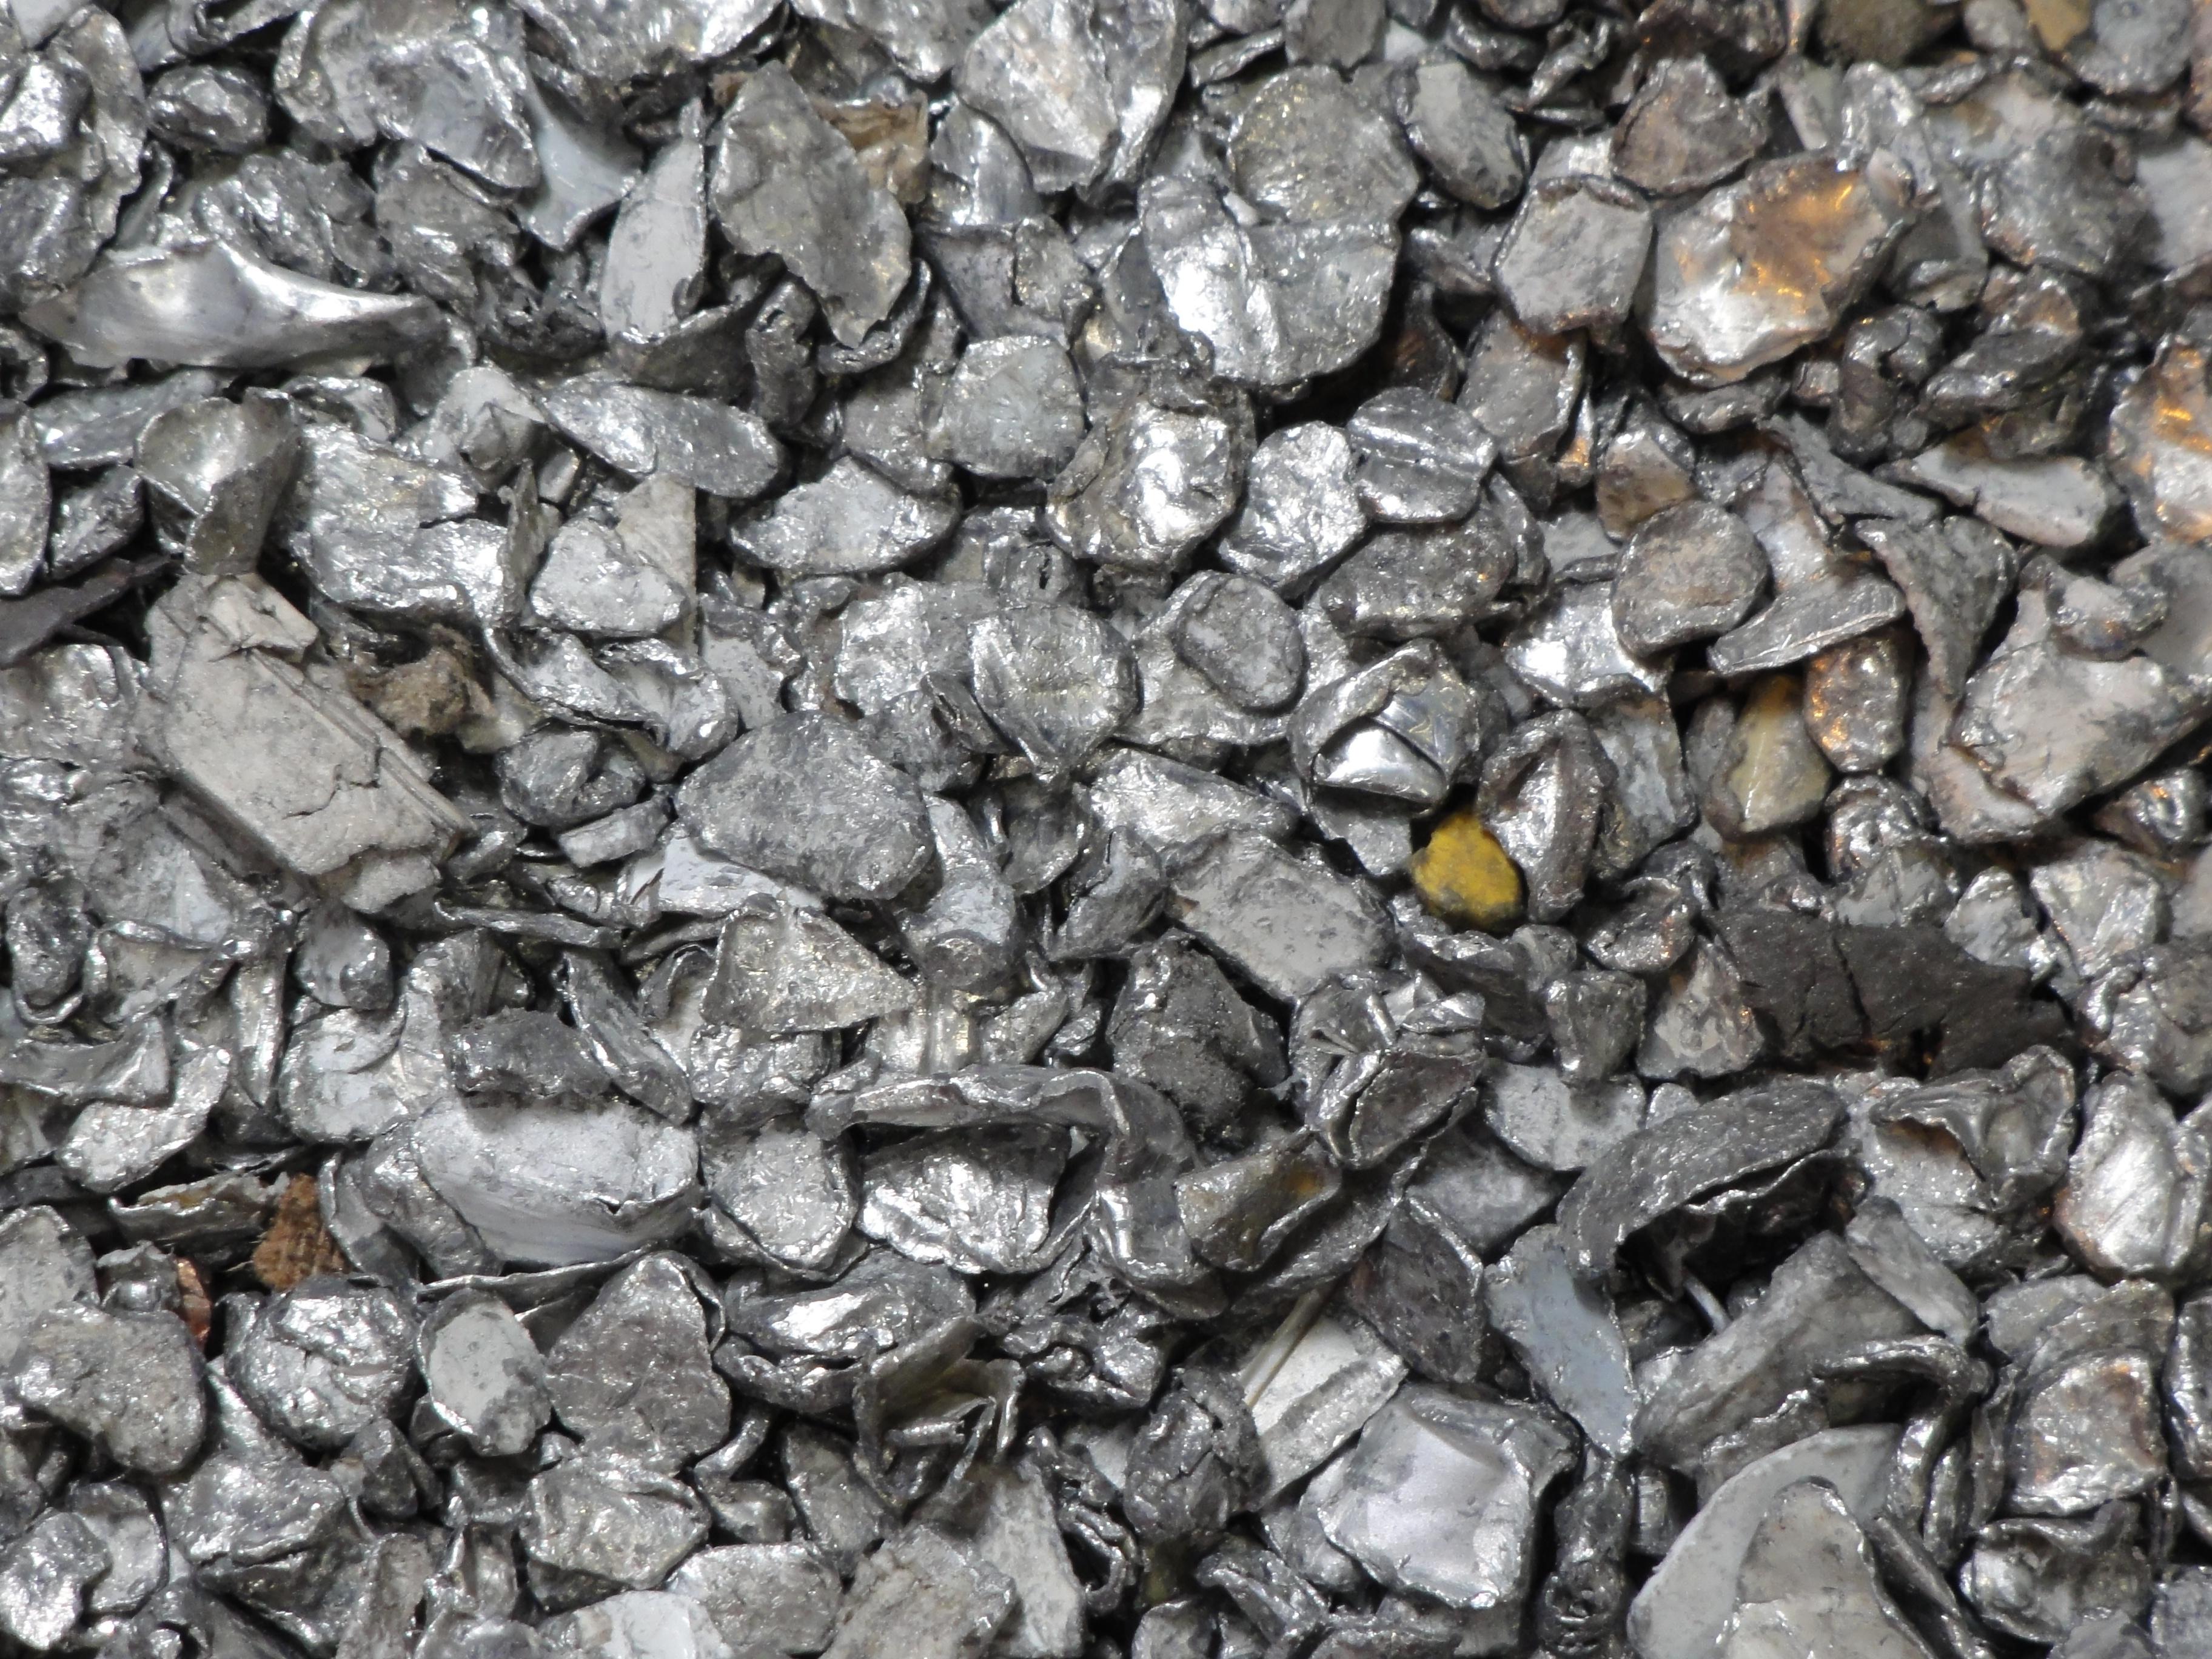 Non Ferrous metals unpure